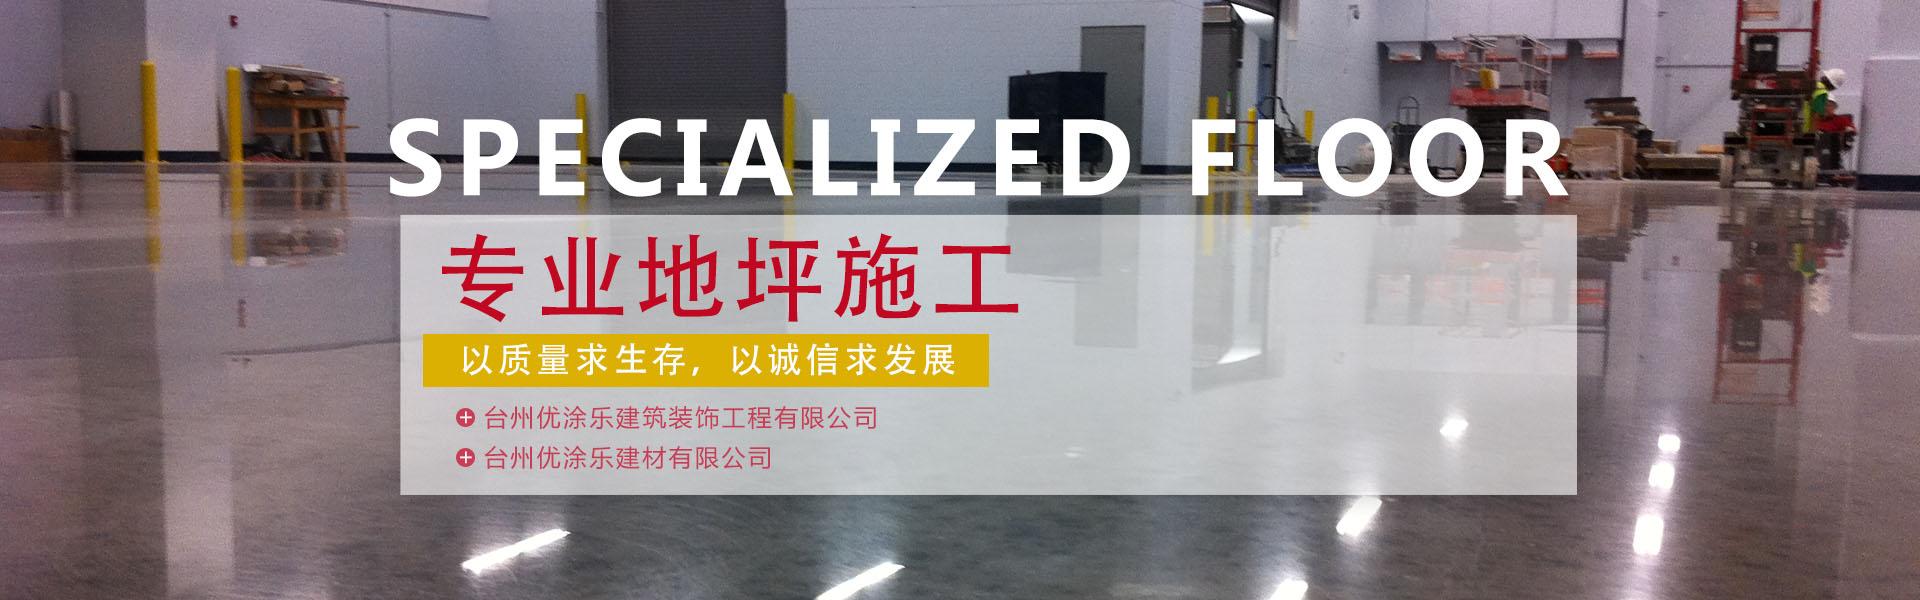 台州优涂乐建筑装饰工程有限公司